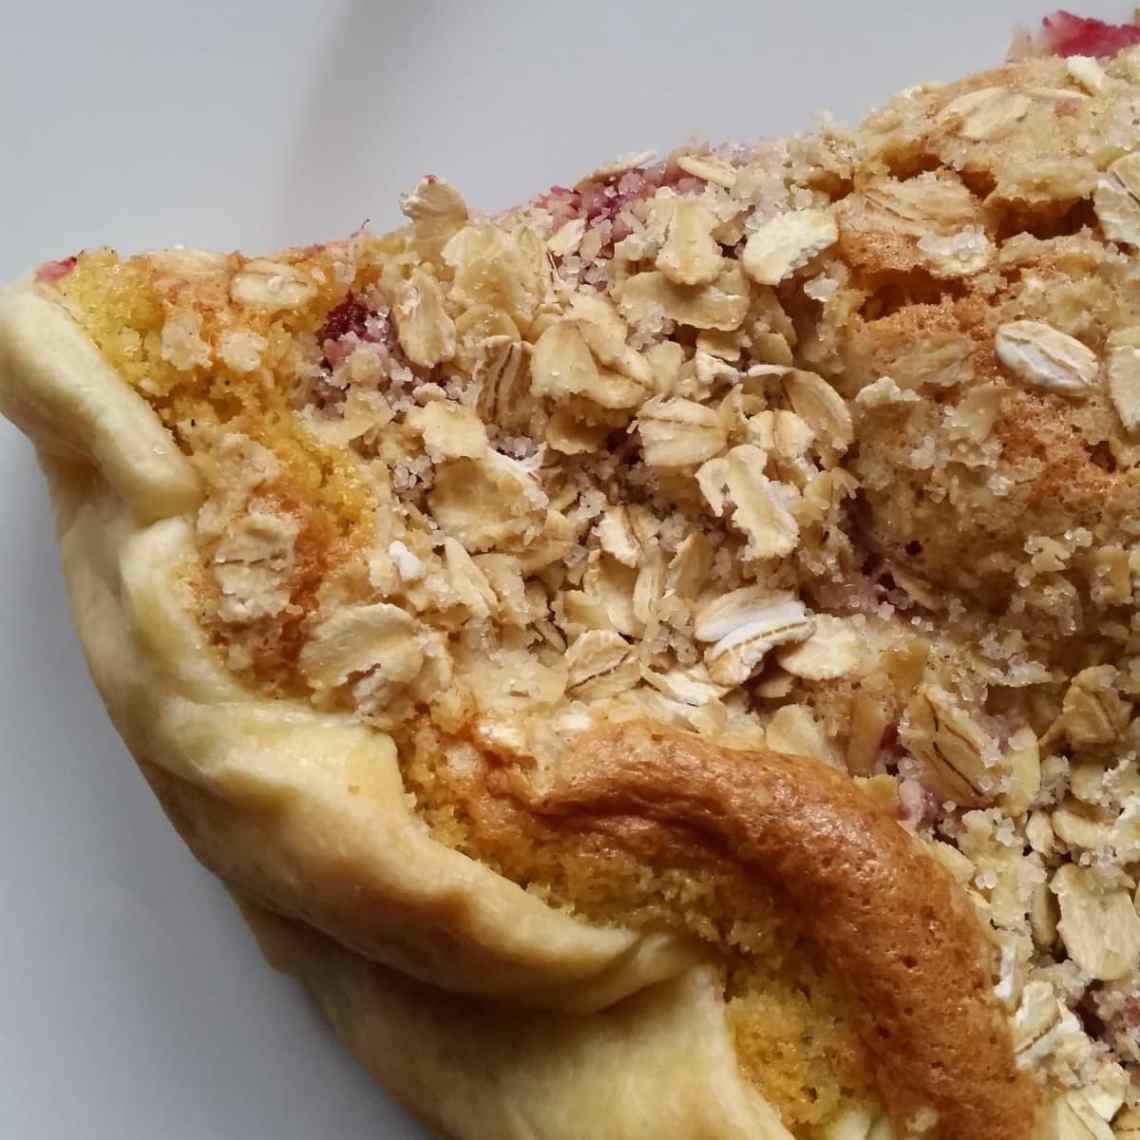 Bag en nem hindbærtærte med marcipan. Lav din egen mørdej eller brug en købt tærtedej. Find opskrifter på lagkager, mad og desserter, samt inspiration til årets gang på danishthings.com